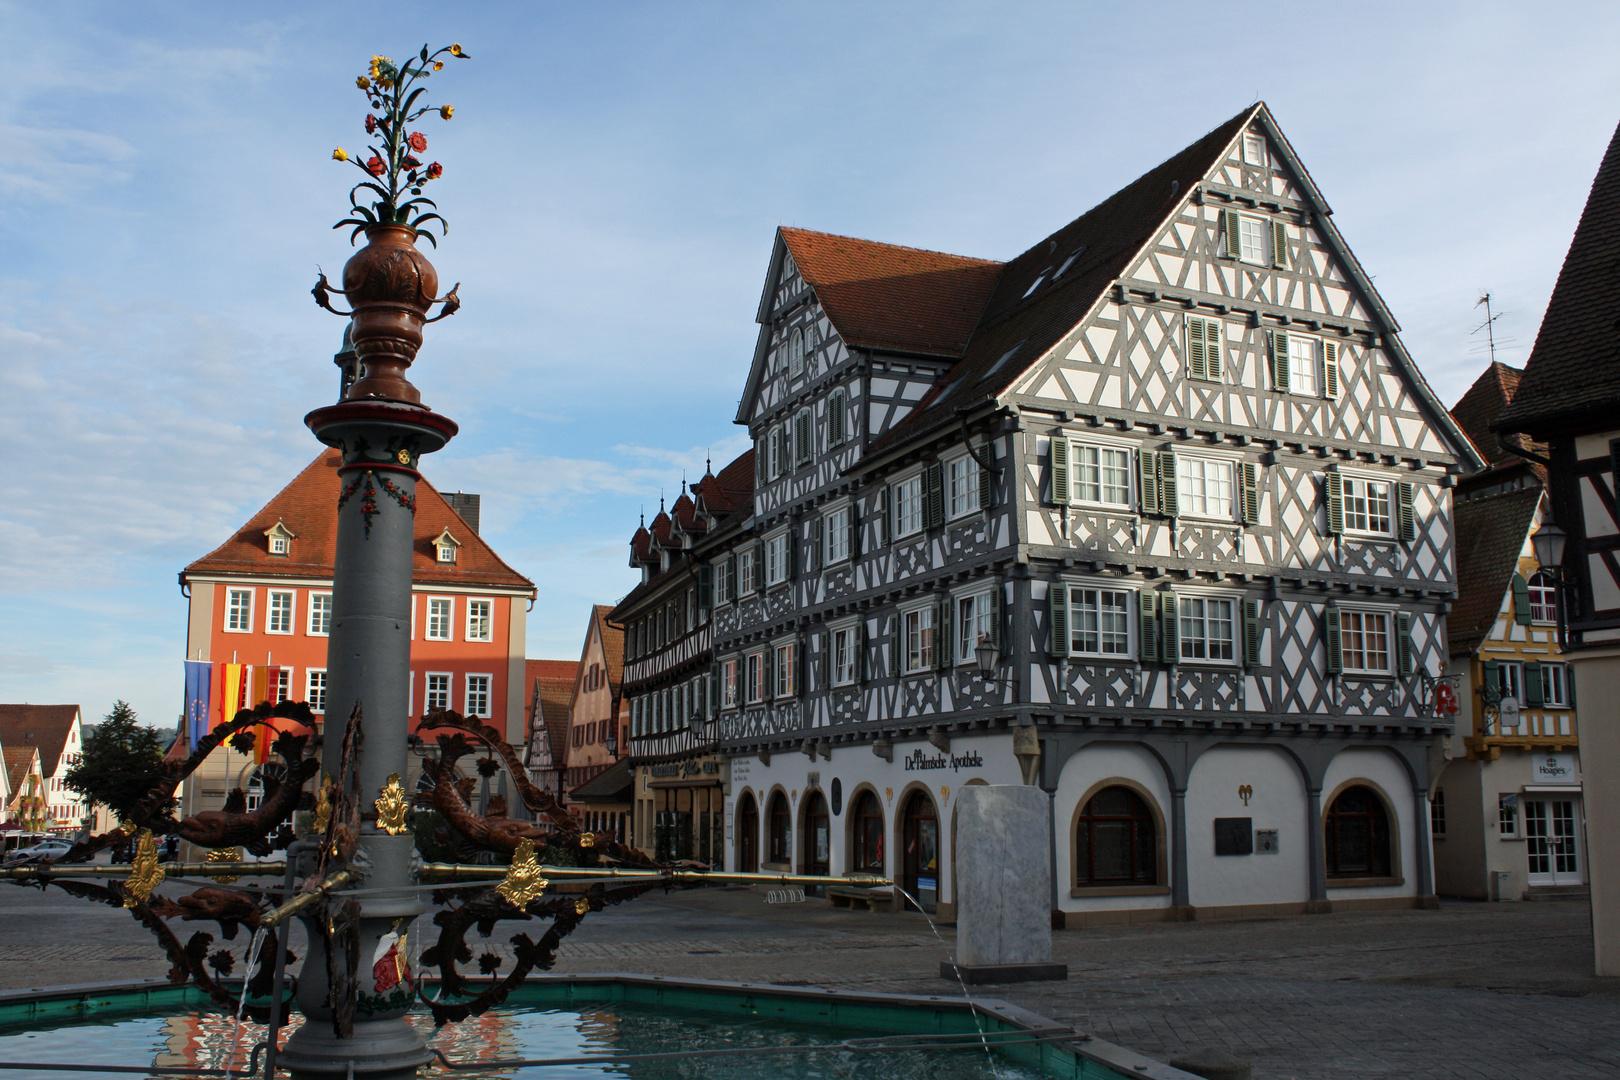 Schorndorf Marktplatz